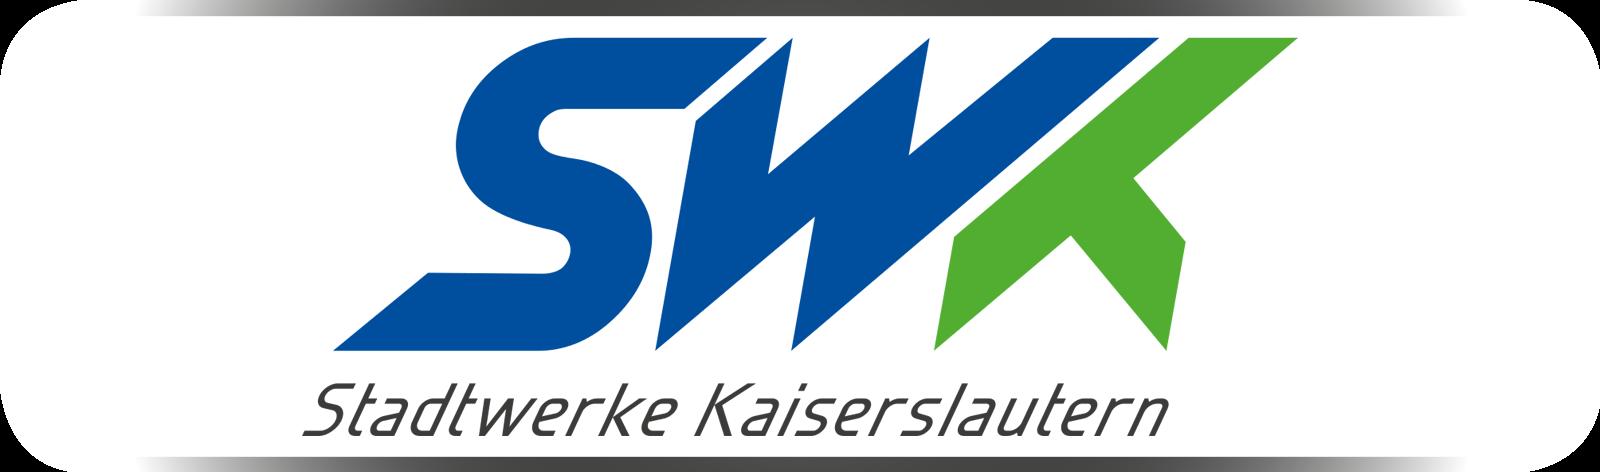 Logo des TEUFELSBANDEN-Partners SWK Stadtwerke Kaiserslautern